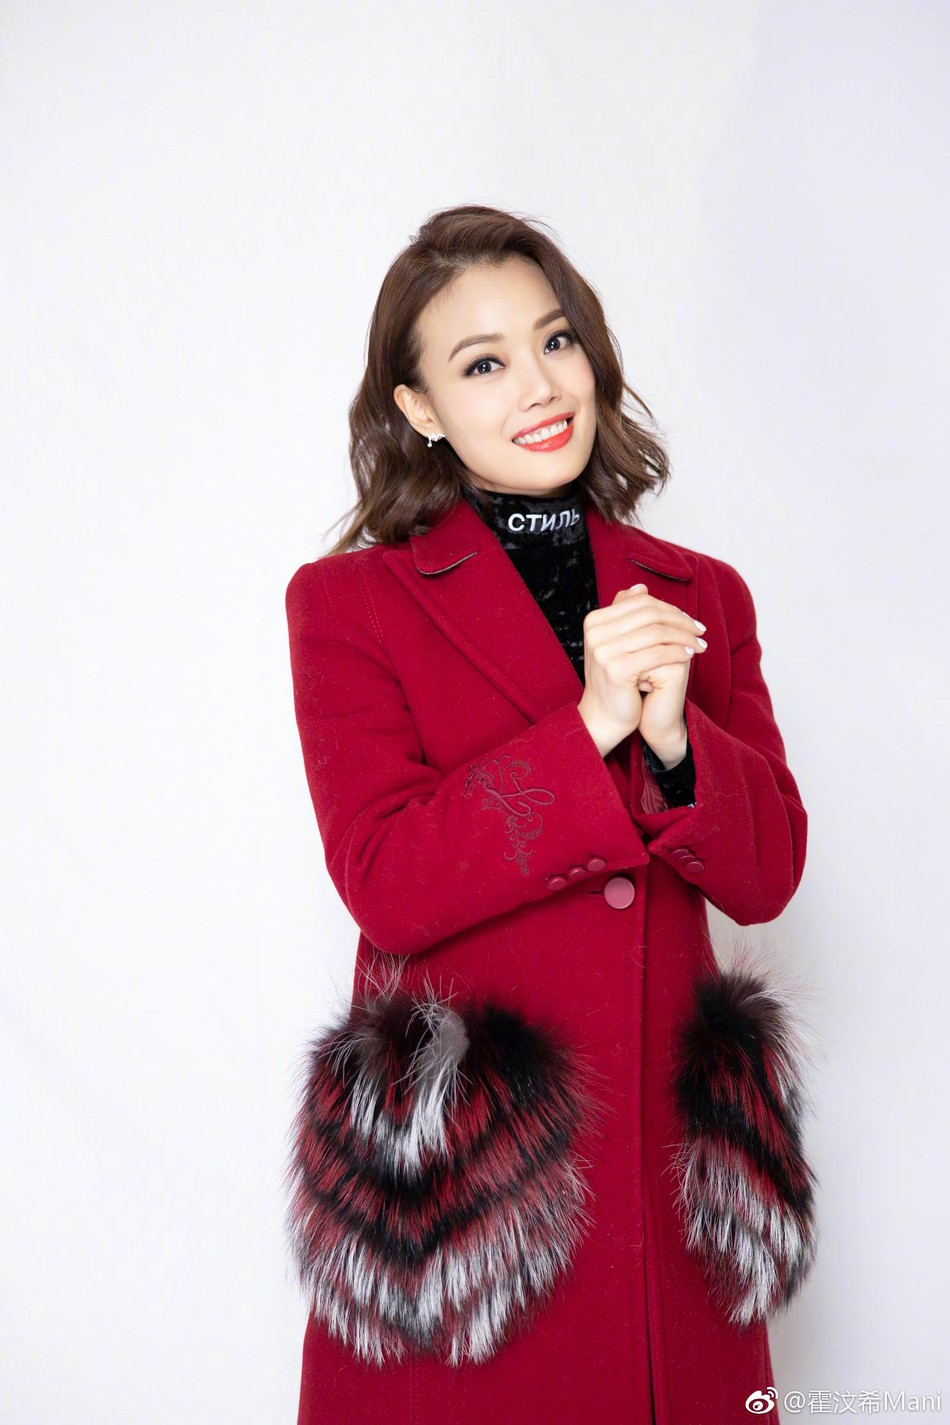 Hậu trường Gala chào xuân rực sắc đỏ mừng năm mới của Địch Lệ Nhiệt Ba - Dương Tử cùng dàn sao đình đám - Ảnh 30.